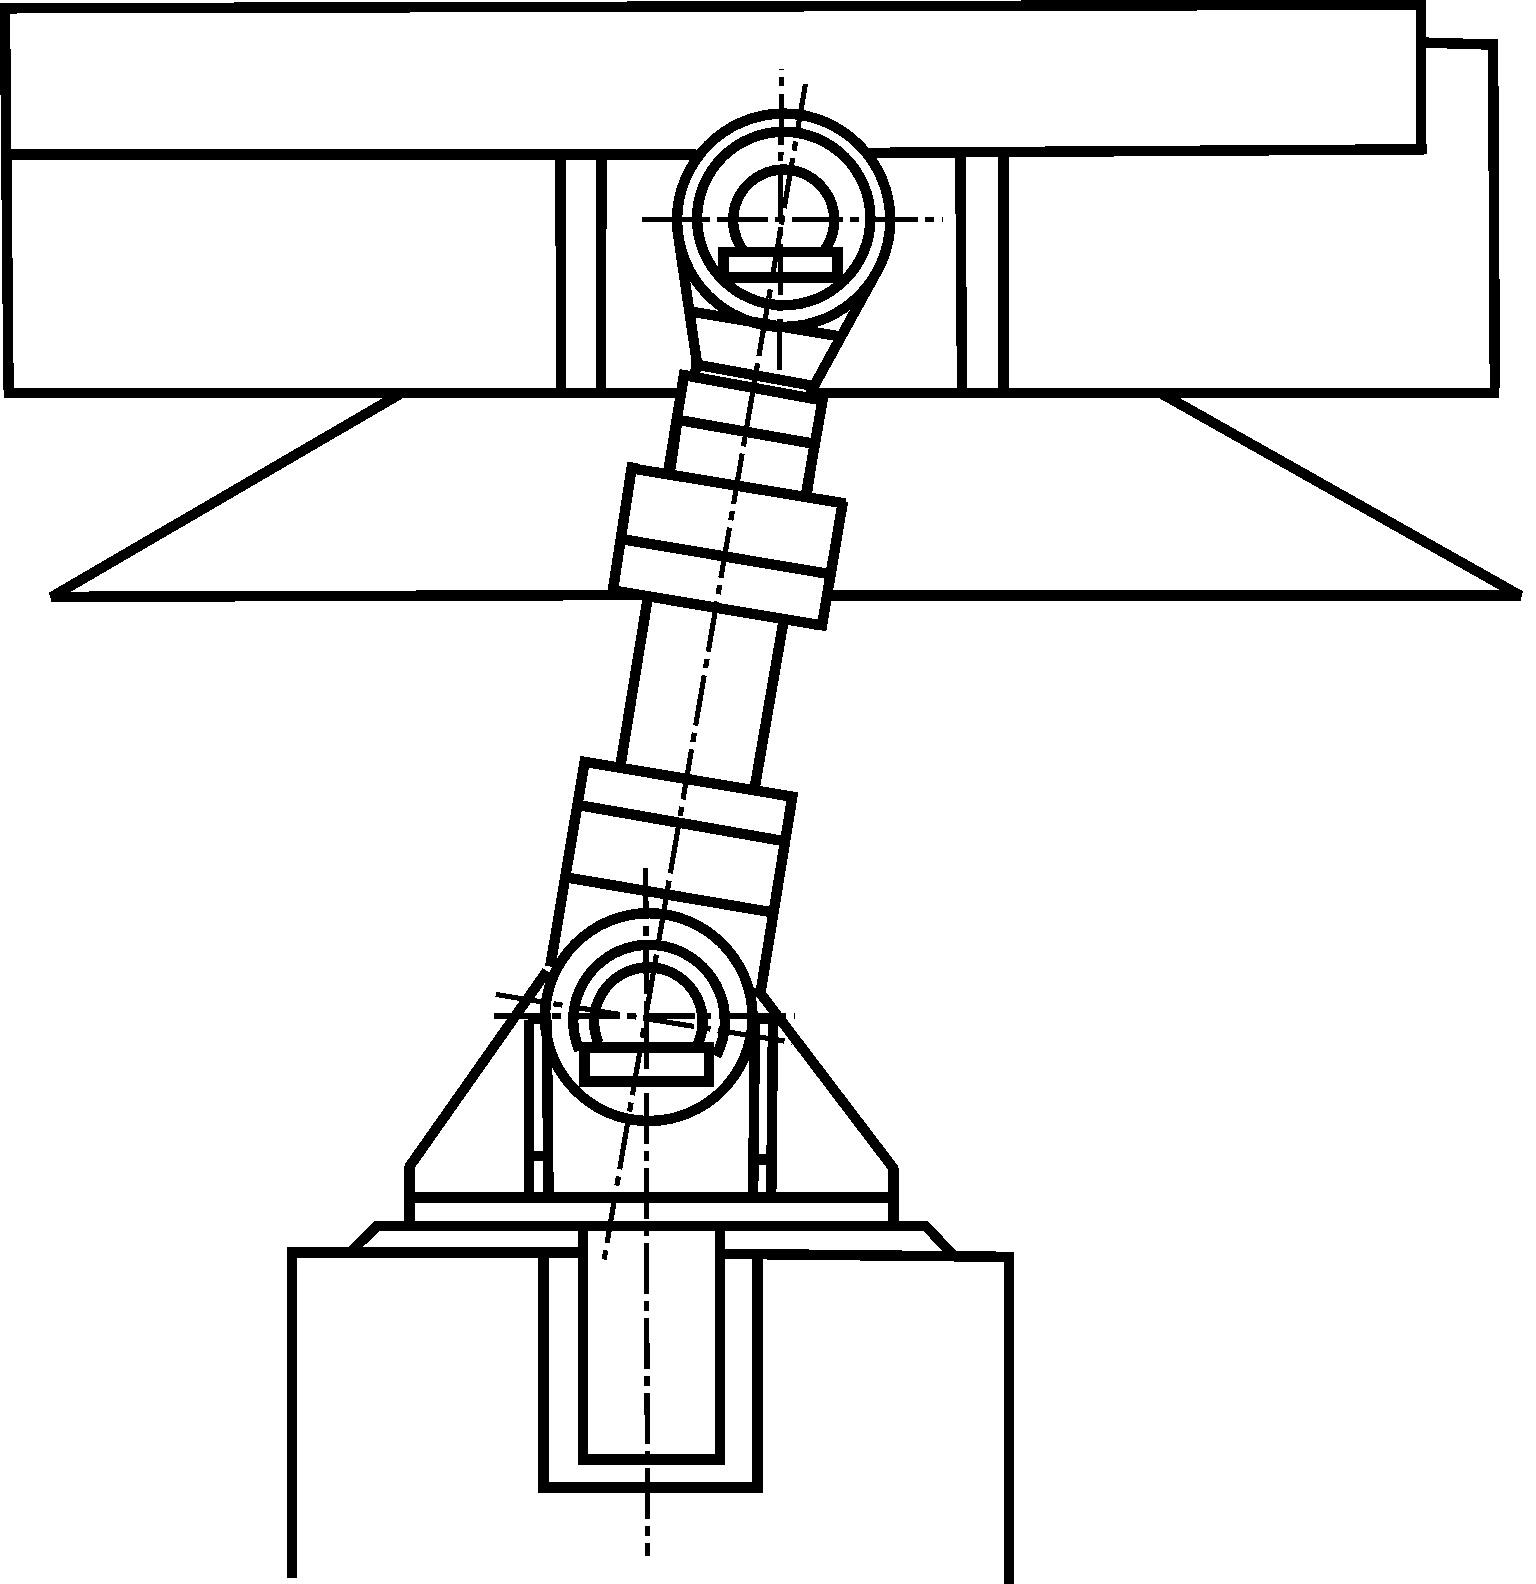 Рисунок 2 – Гидроцилиндр вертикального подъема